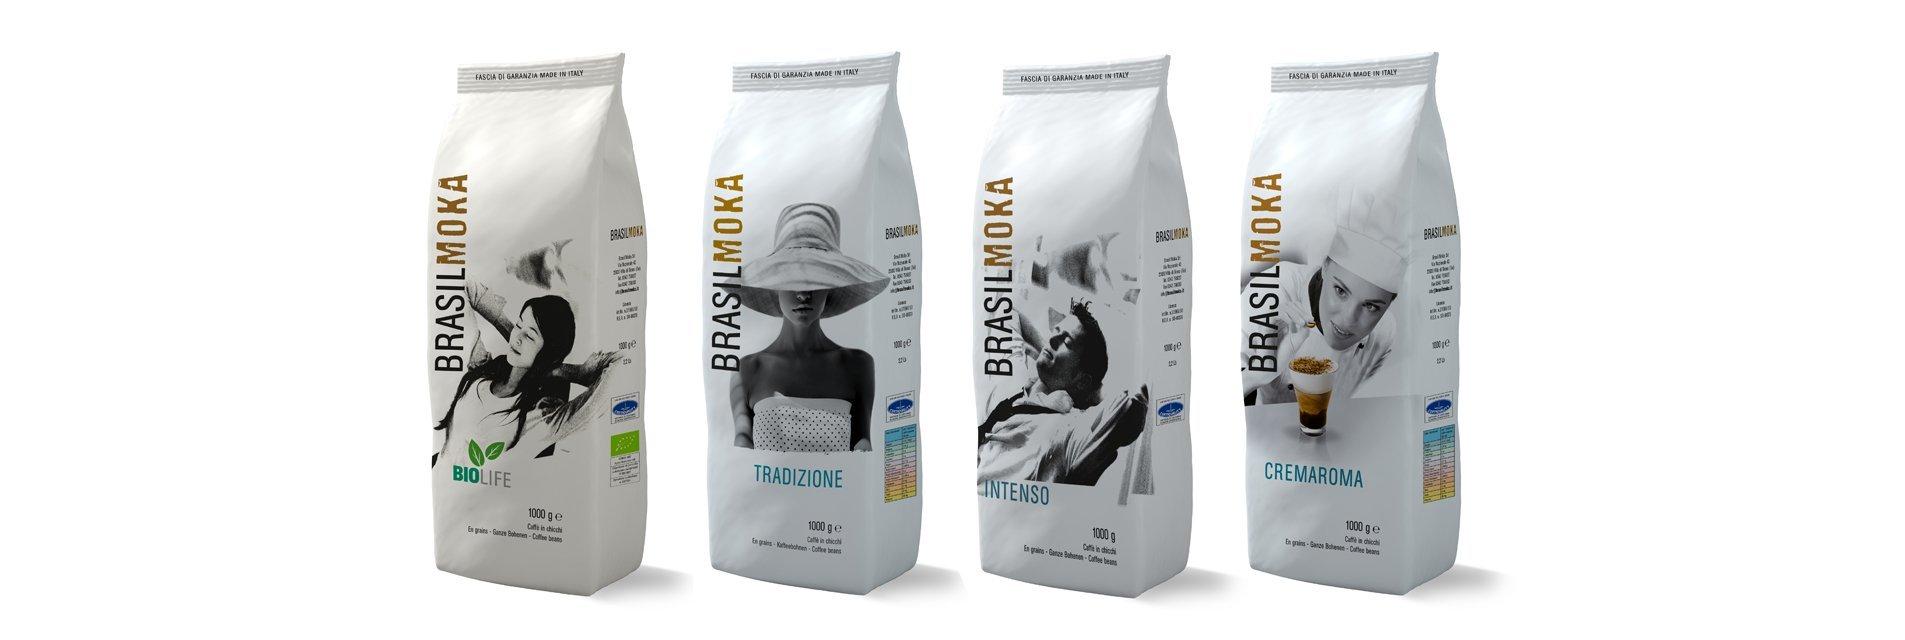 Confezioni del caffè prodotto e distribuito da Brasilmoka